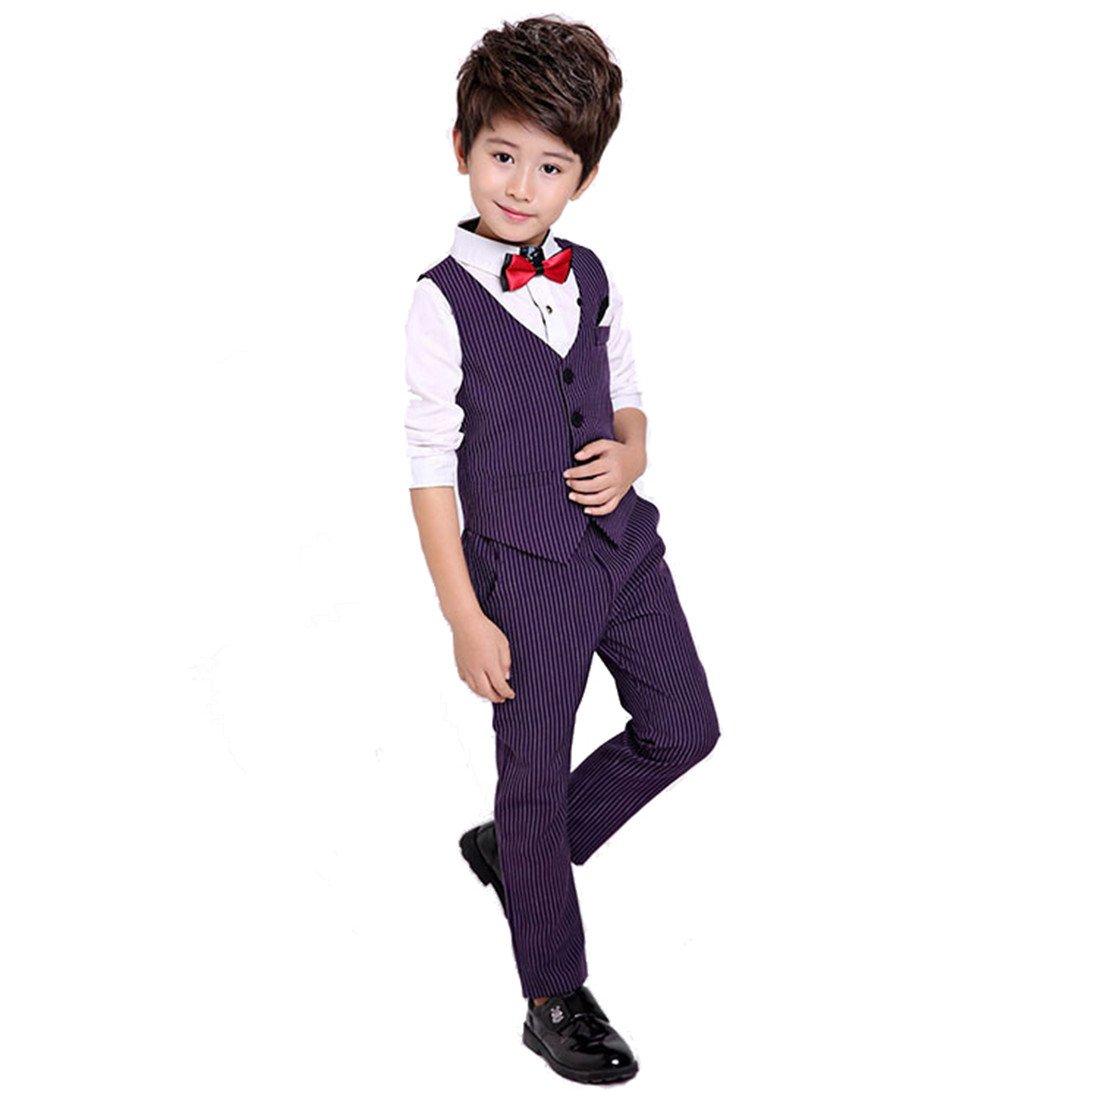 Gele 4ピースファッションドレススーツ、ベスト+ズボン+シャツ+蝶ネクタイ 5 パープル B076KSCH8V